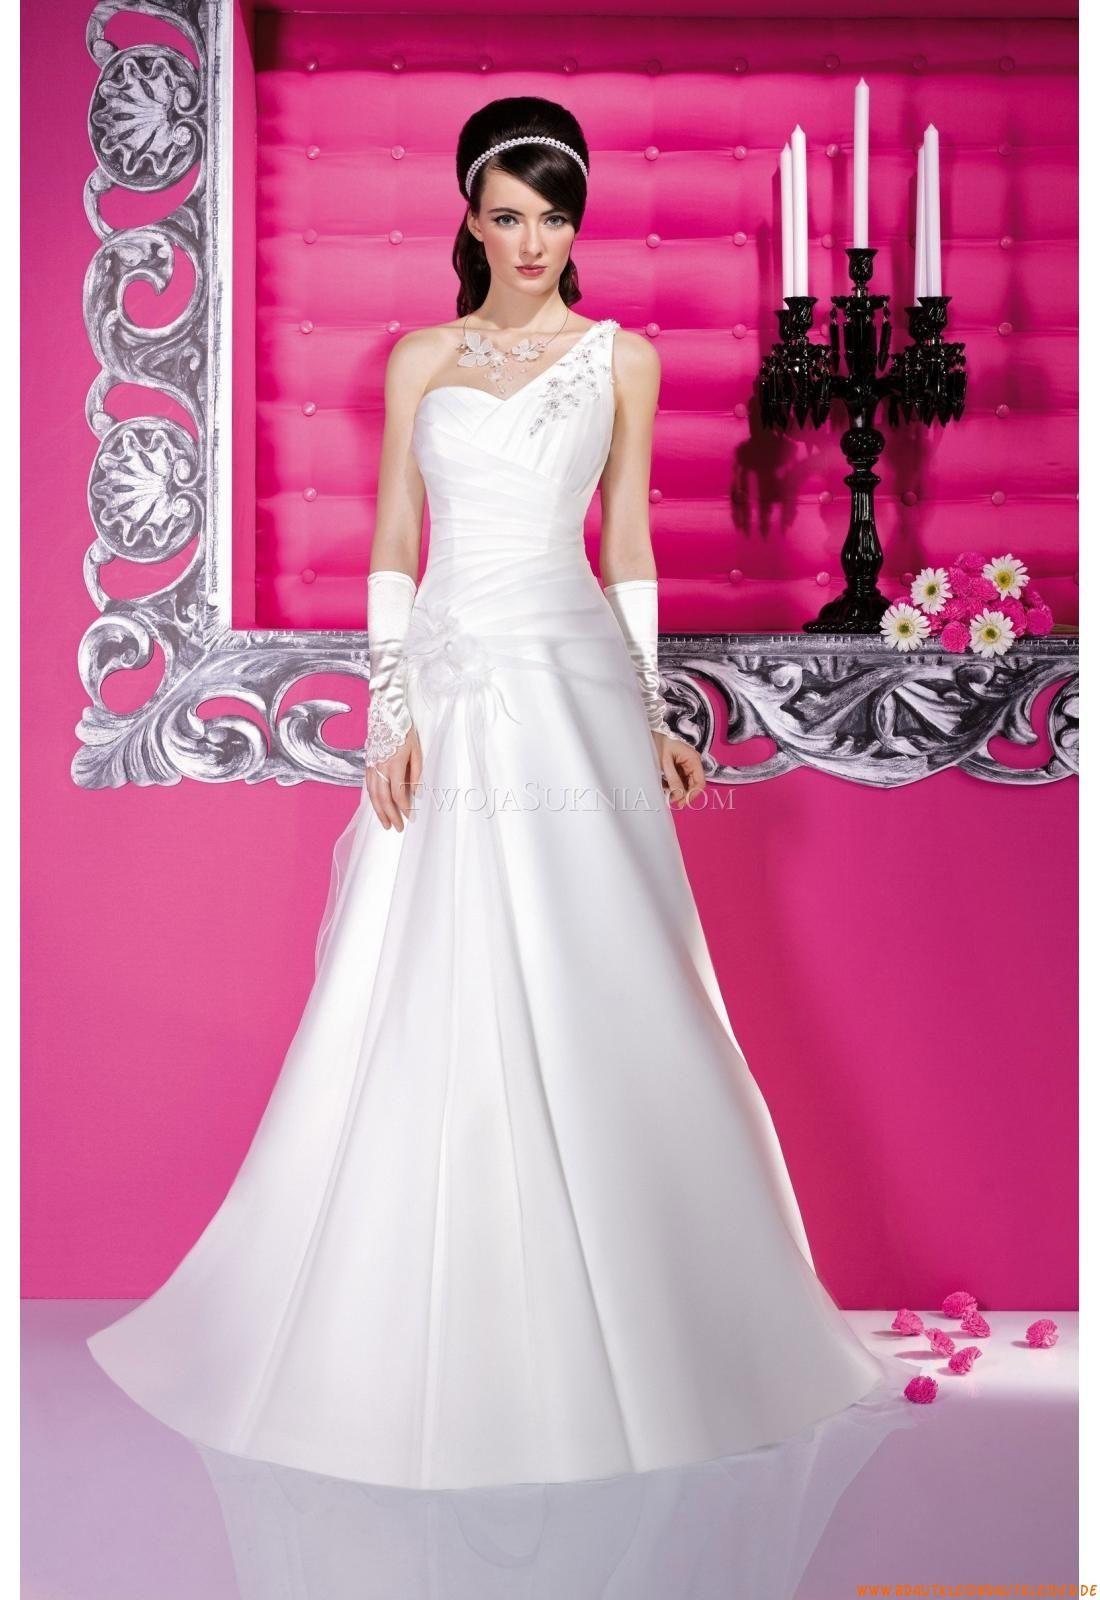 V-Ausschnitt Brautkleider 2014 | brautkleider übergröße | Pinterest